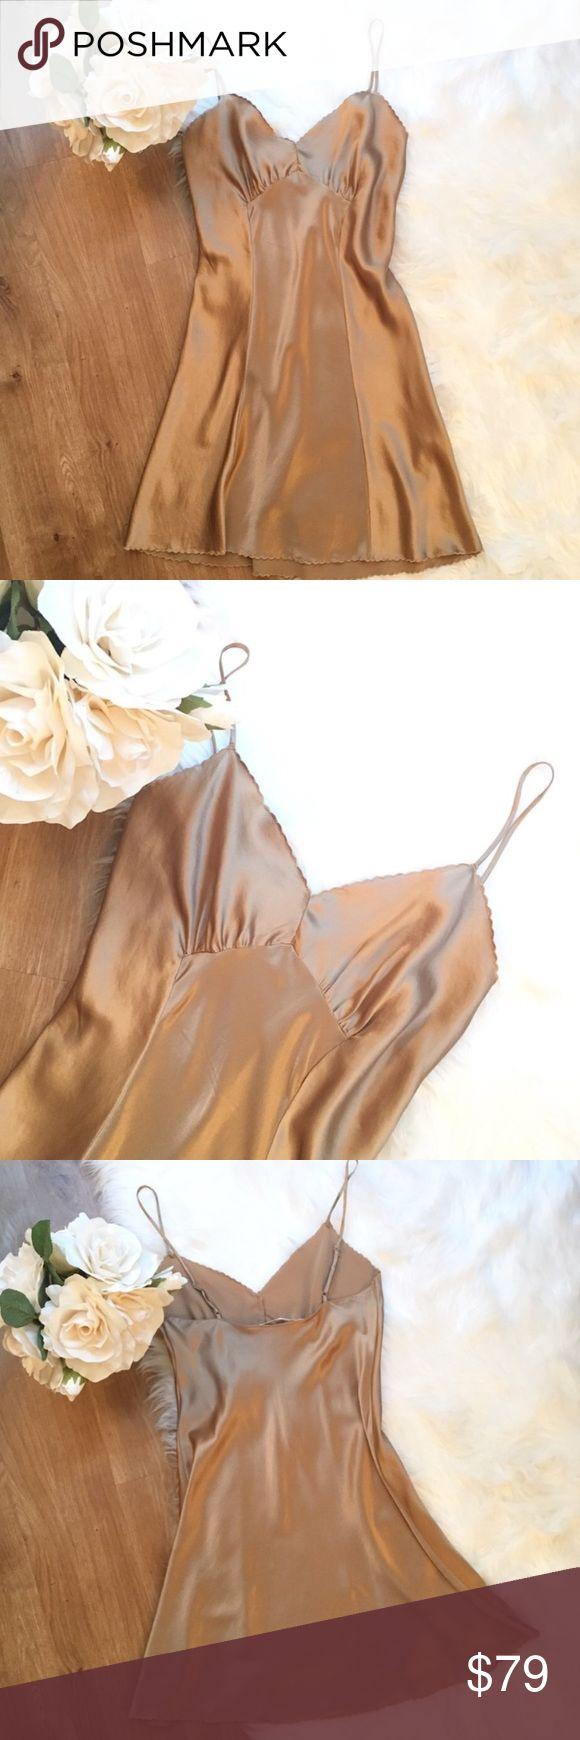 Victoria's Secret vintage silk gold slip dress Vintage early 2000's Victoria's Secret lingerie silk slip dress. 100% SILK gold/bronze silky slip dress. Scalloped petal trims. EXCELLENT/like new condition. Size SMALL Victoria's Secret Dresses Mini